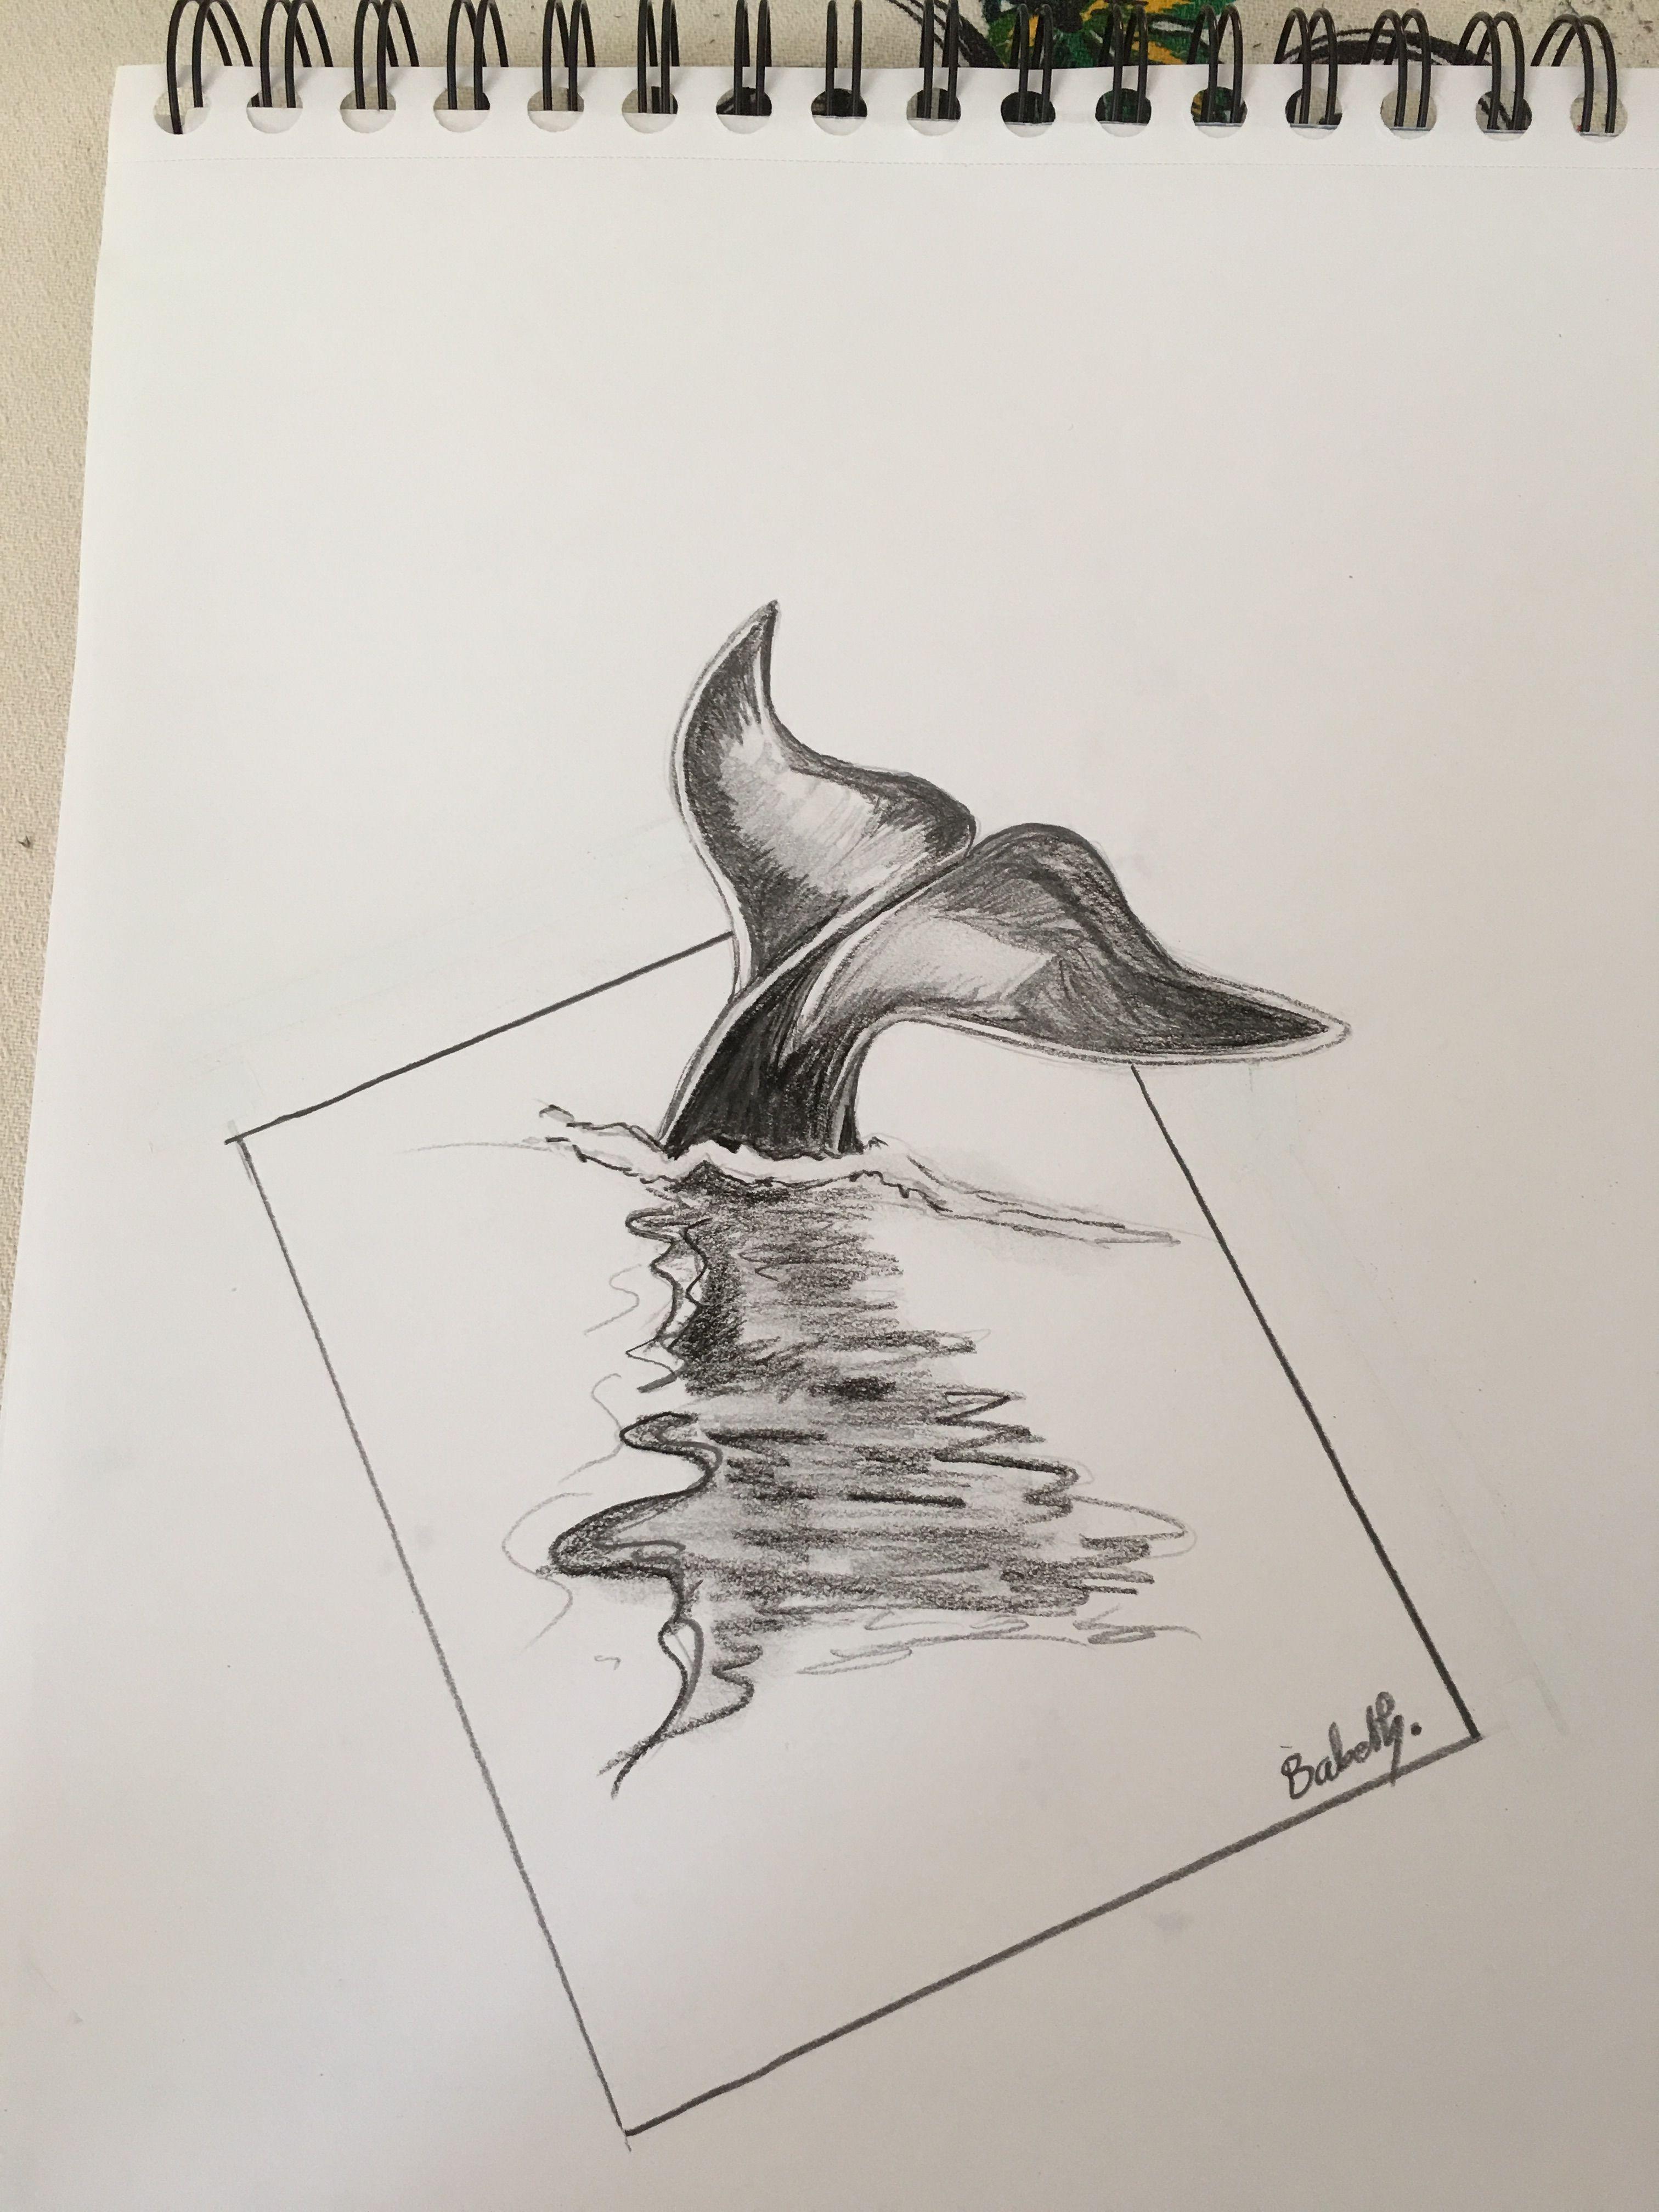 Norris By Anette Augestad On 500px Dibujos A Lapiz Dificiles Dibujar Arte Imagenes Dibujos A Lapiz